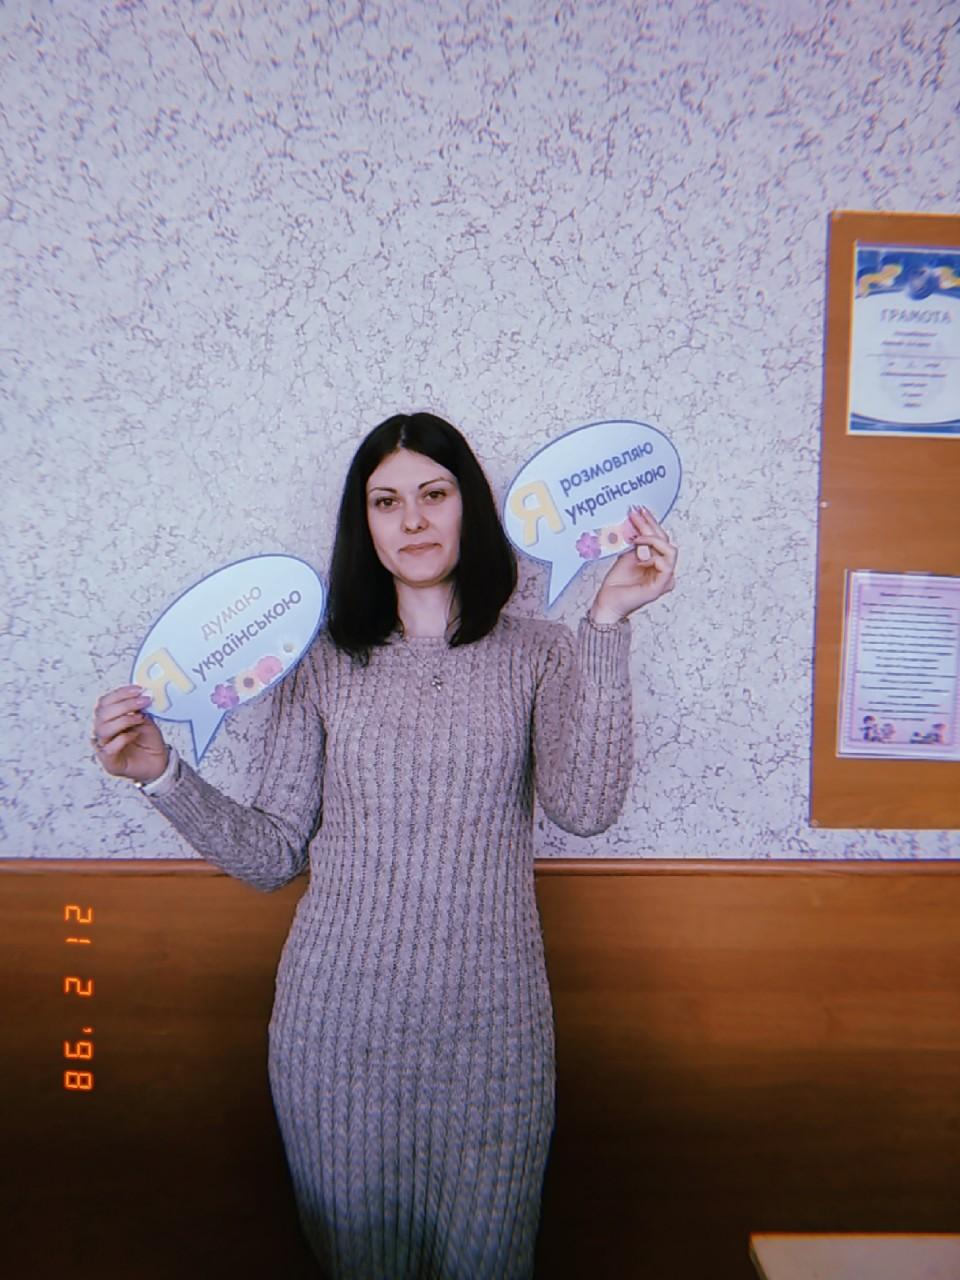 зображення_viber_2020-02-22_19-58-18